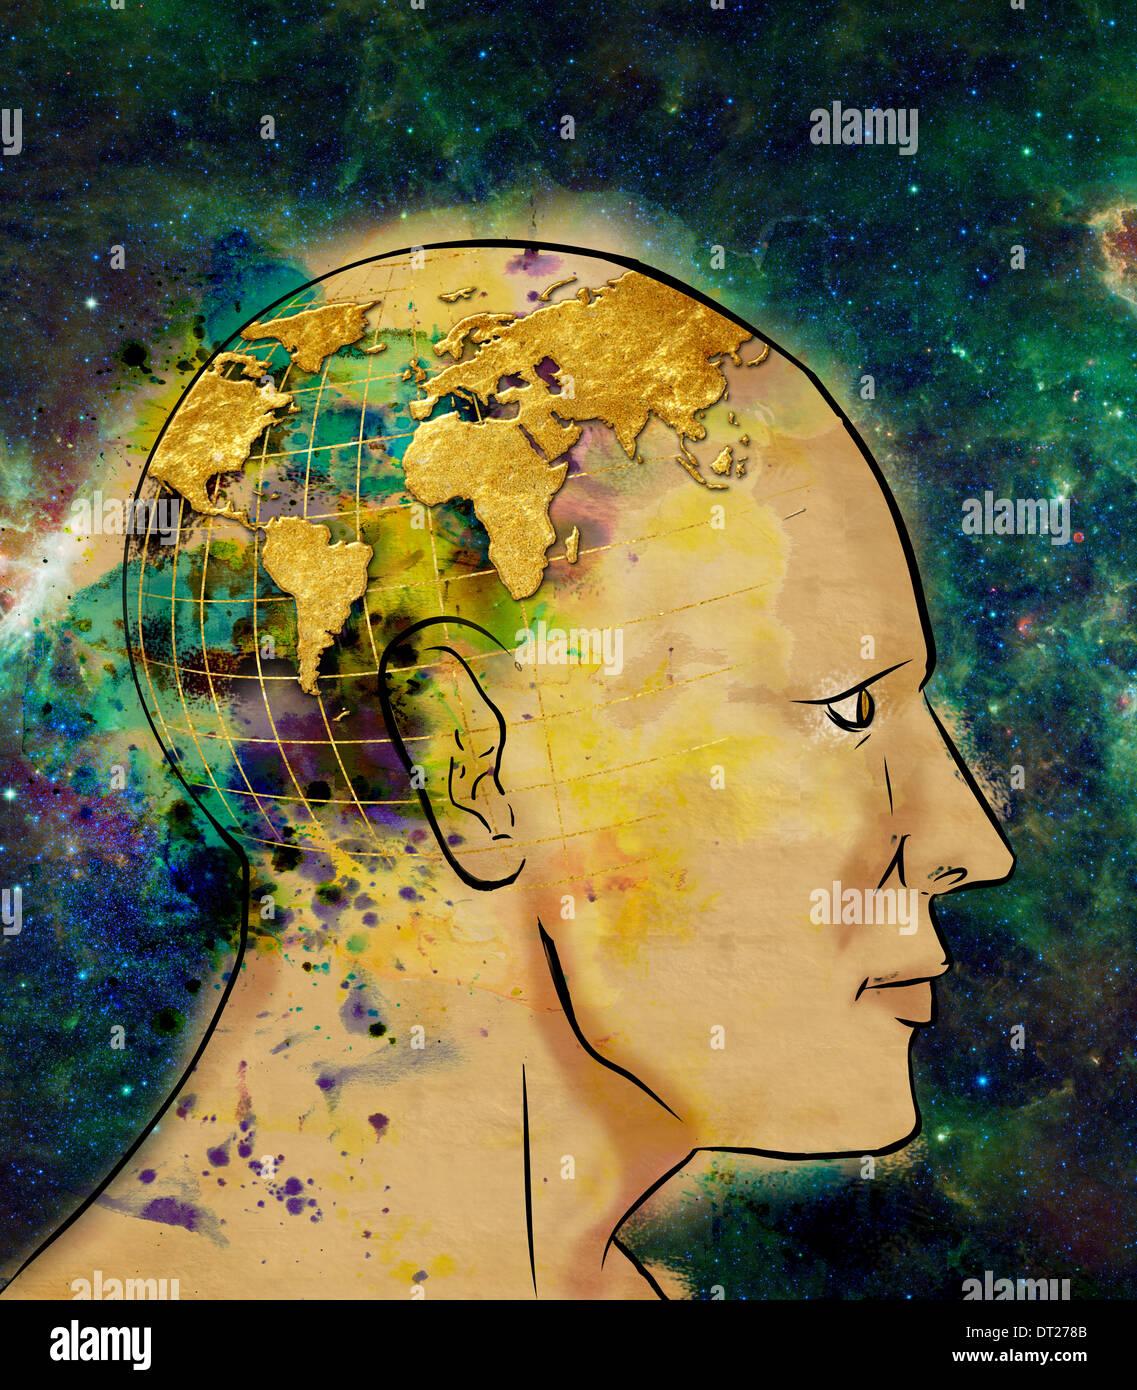 Immagine illustrativa dell'uomo con la mappa del mondo sulla testa rappresenta la globalizzazione Immagini Stock